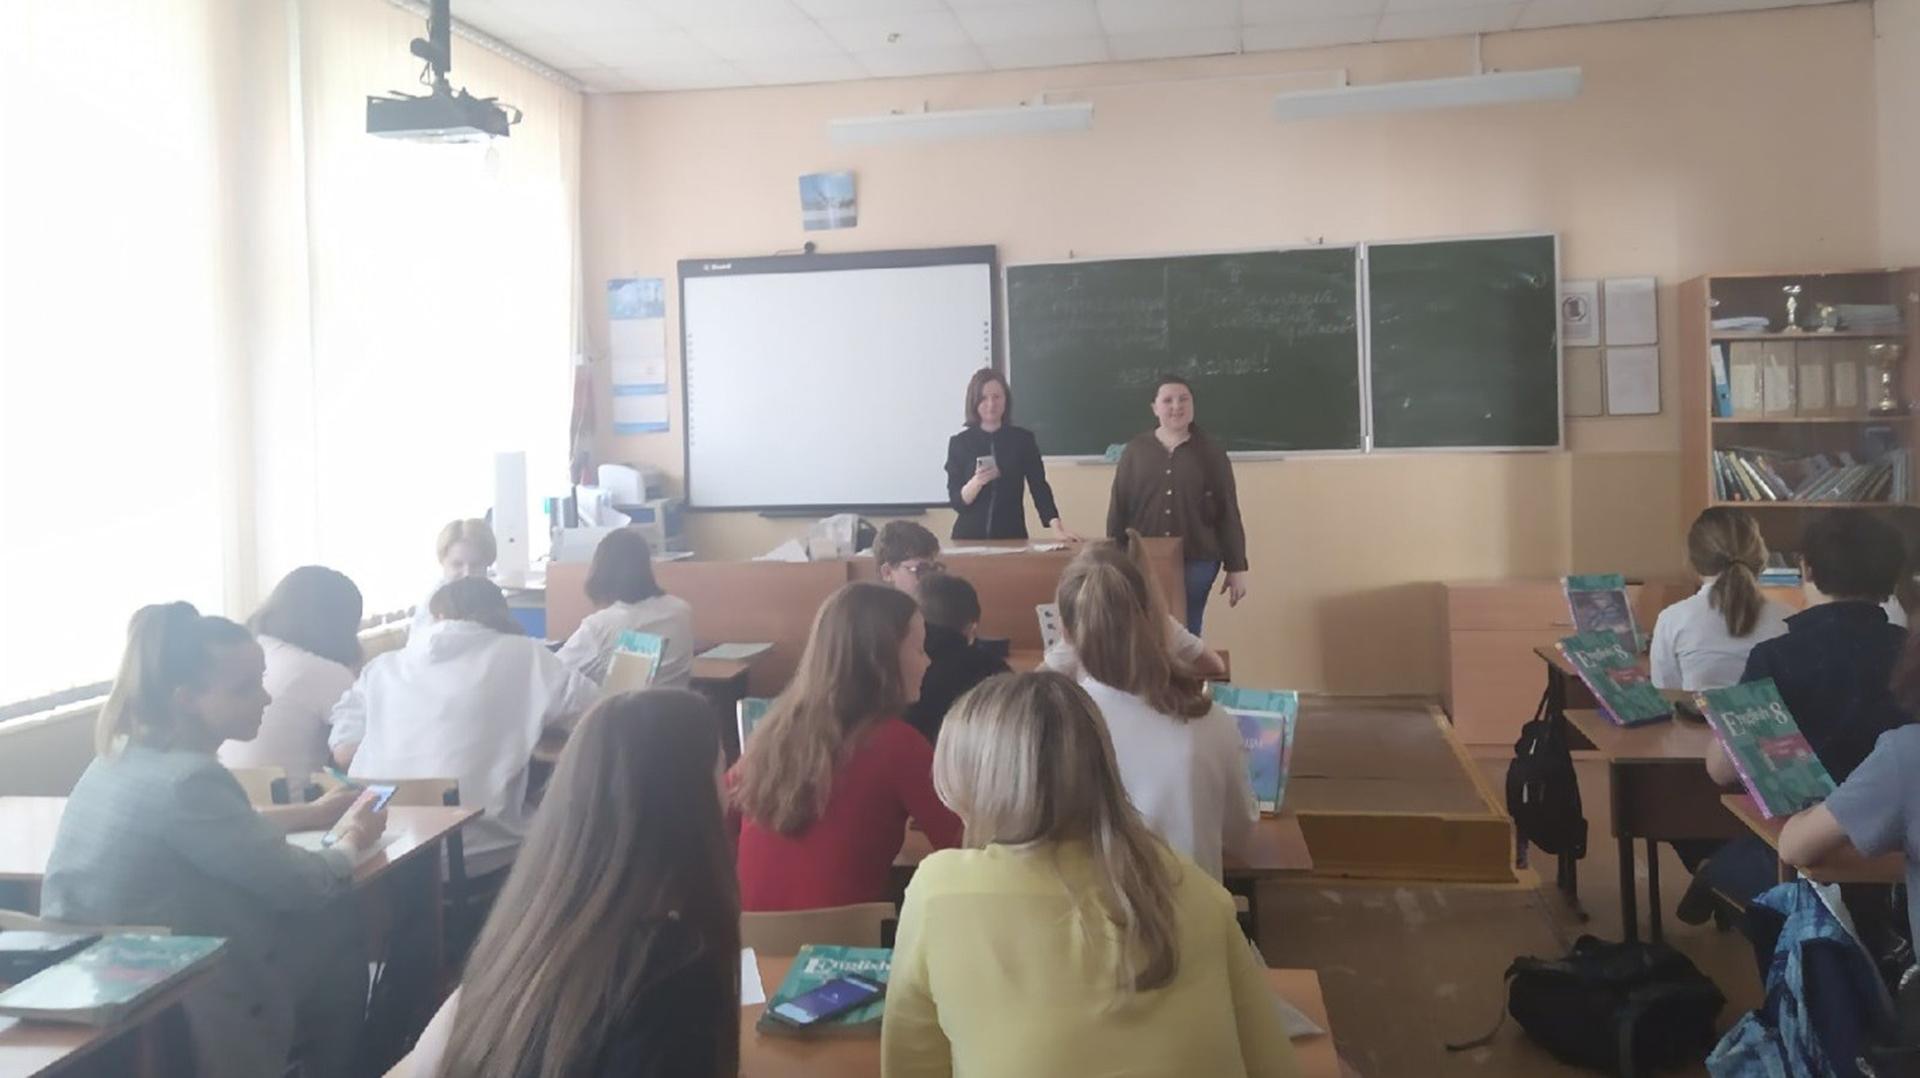 Студенты и преподаватели Мининского университета провели викторину по страноведению Франции для школьников